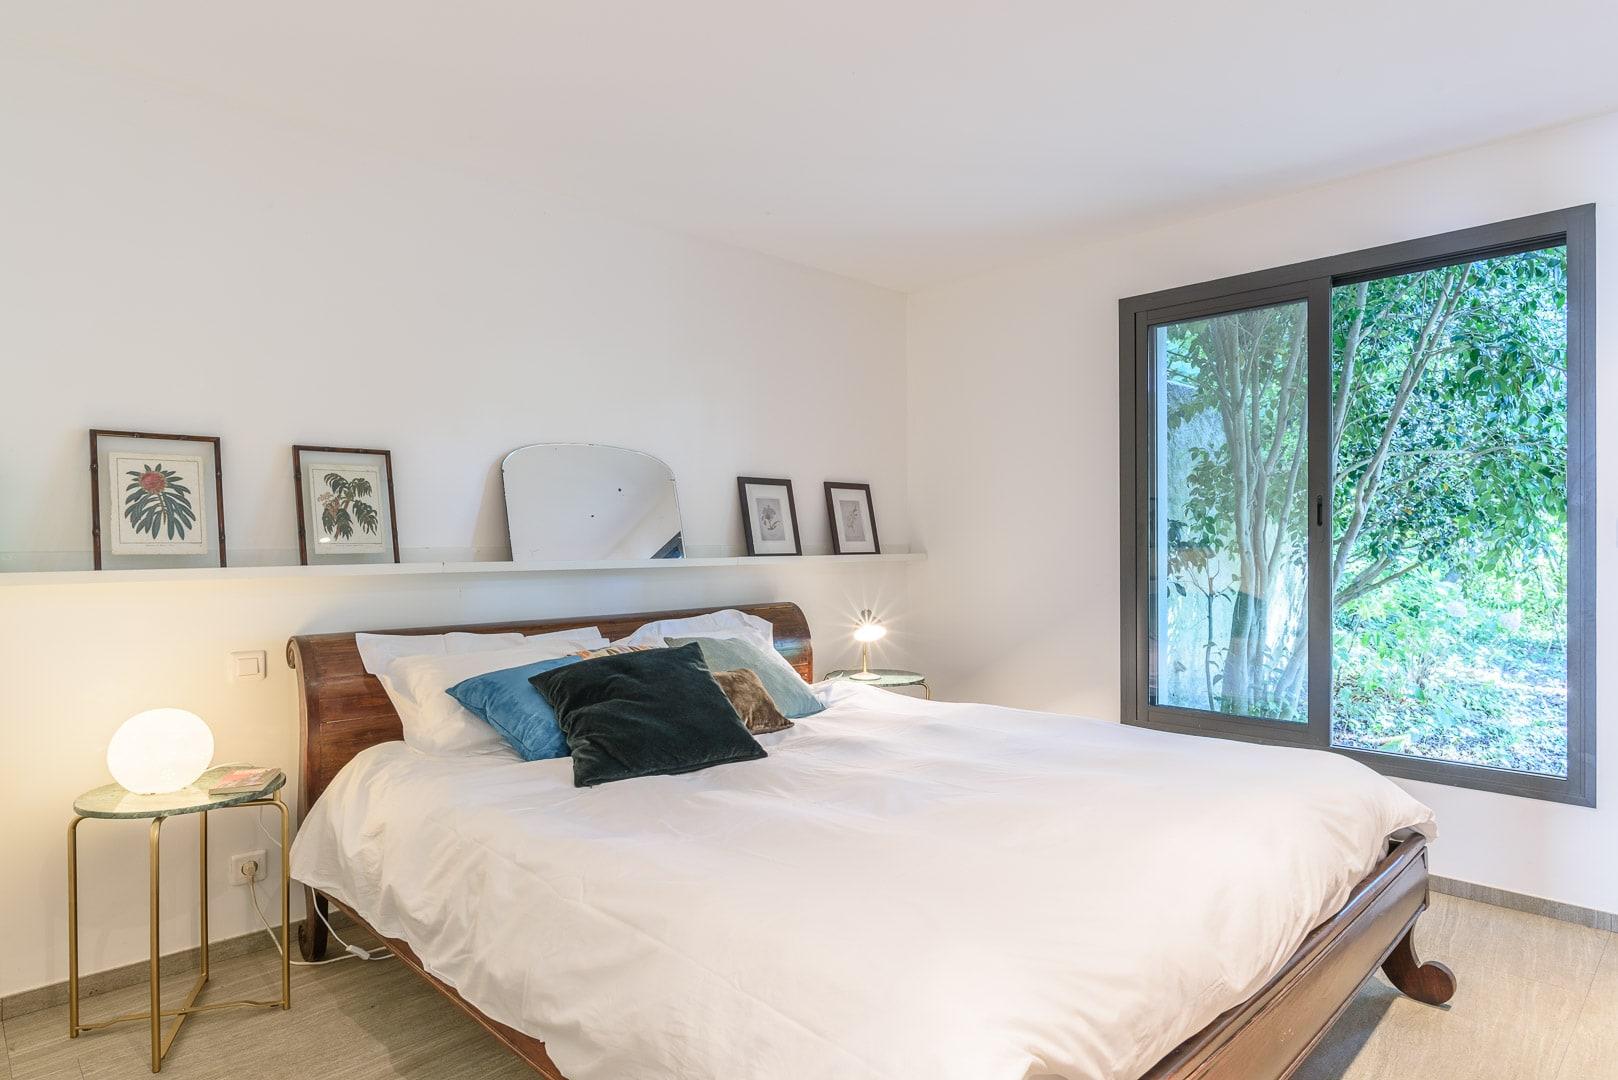 EtxeXuria-Chambre forêt lit et fenêtre